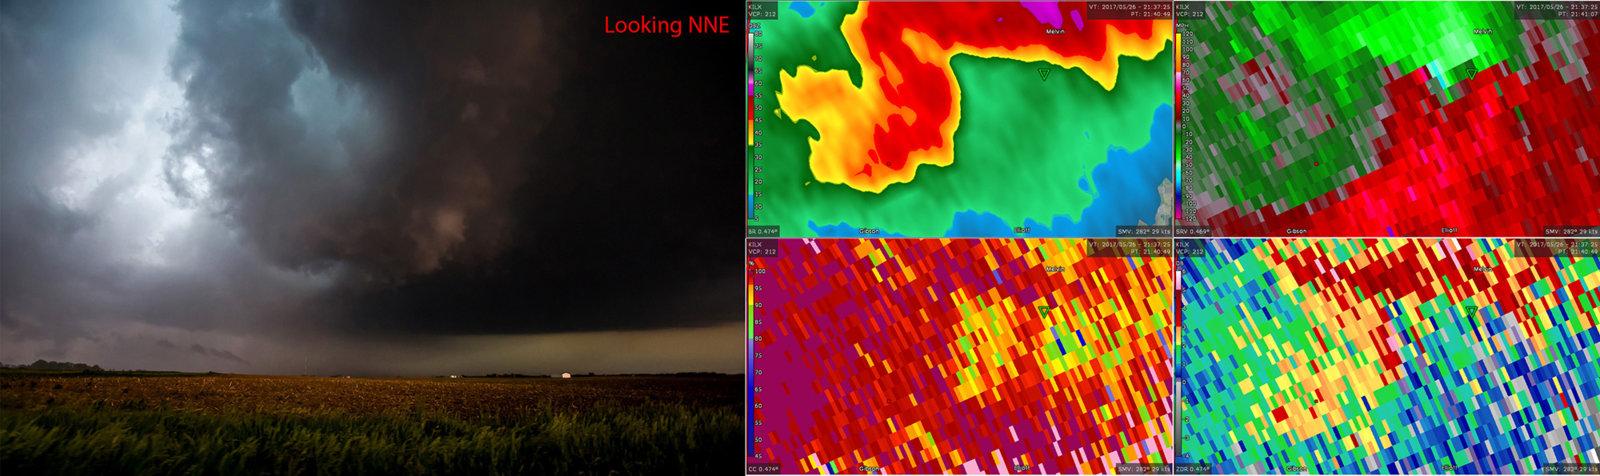 2140z_2JD9939_mile_radar+pic1.jpg